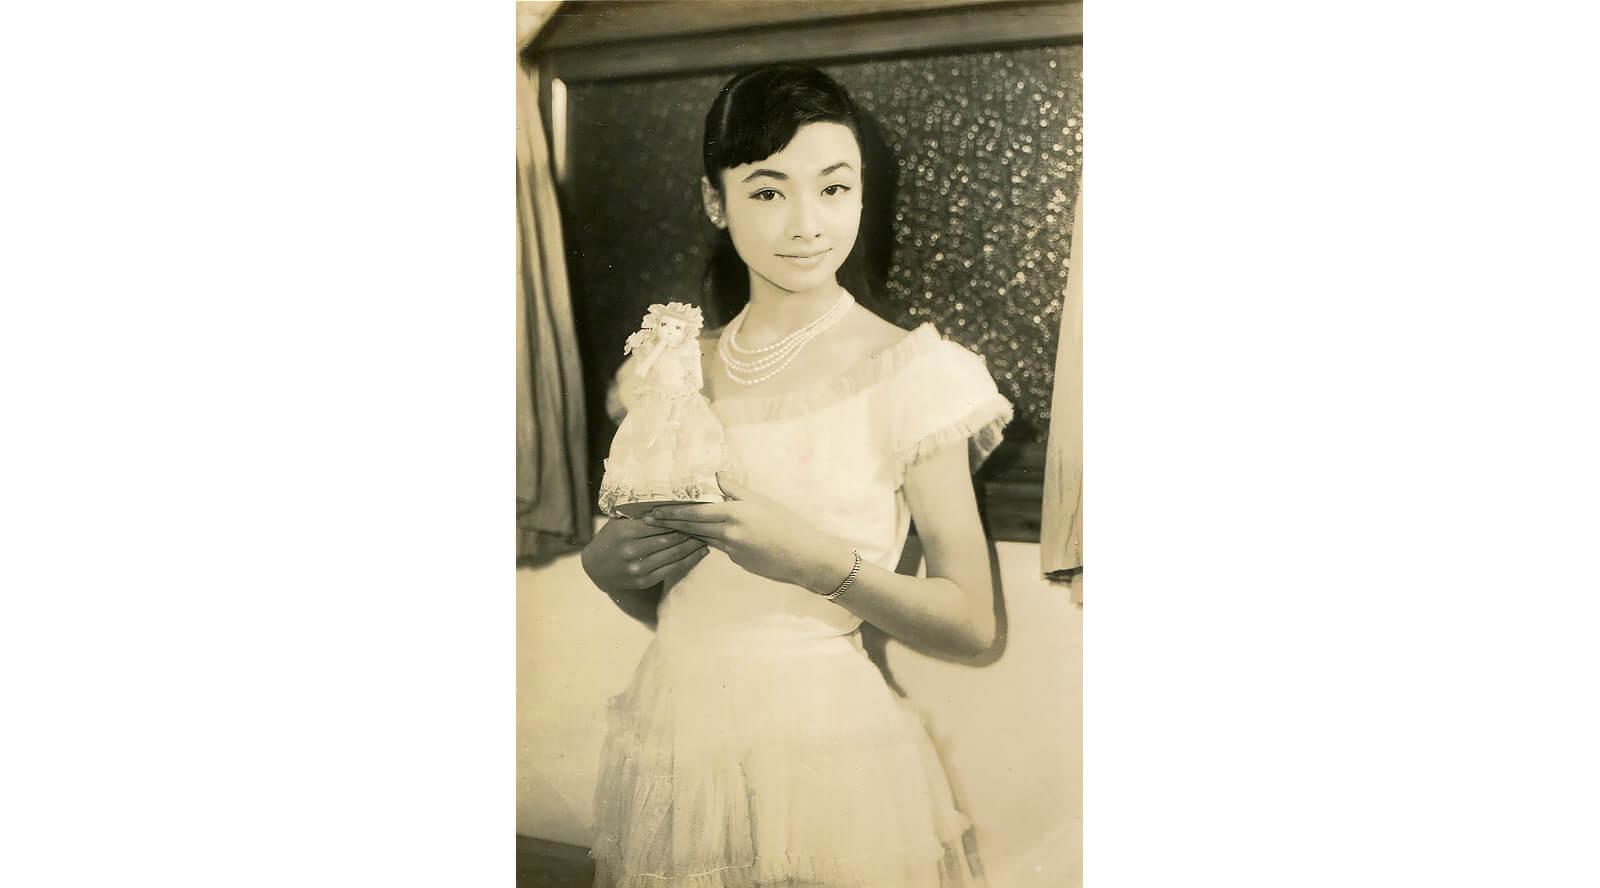 Portrait of the singer Izumi Yukimura (1950s)